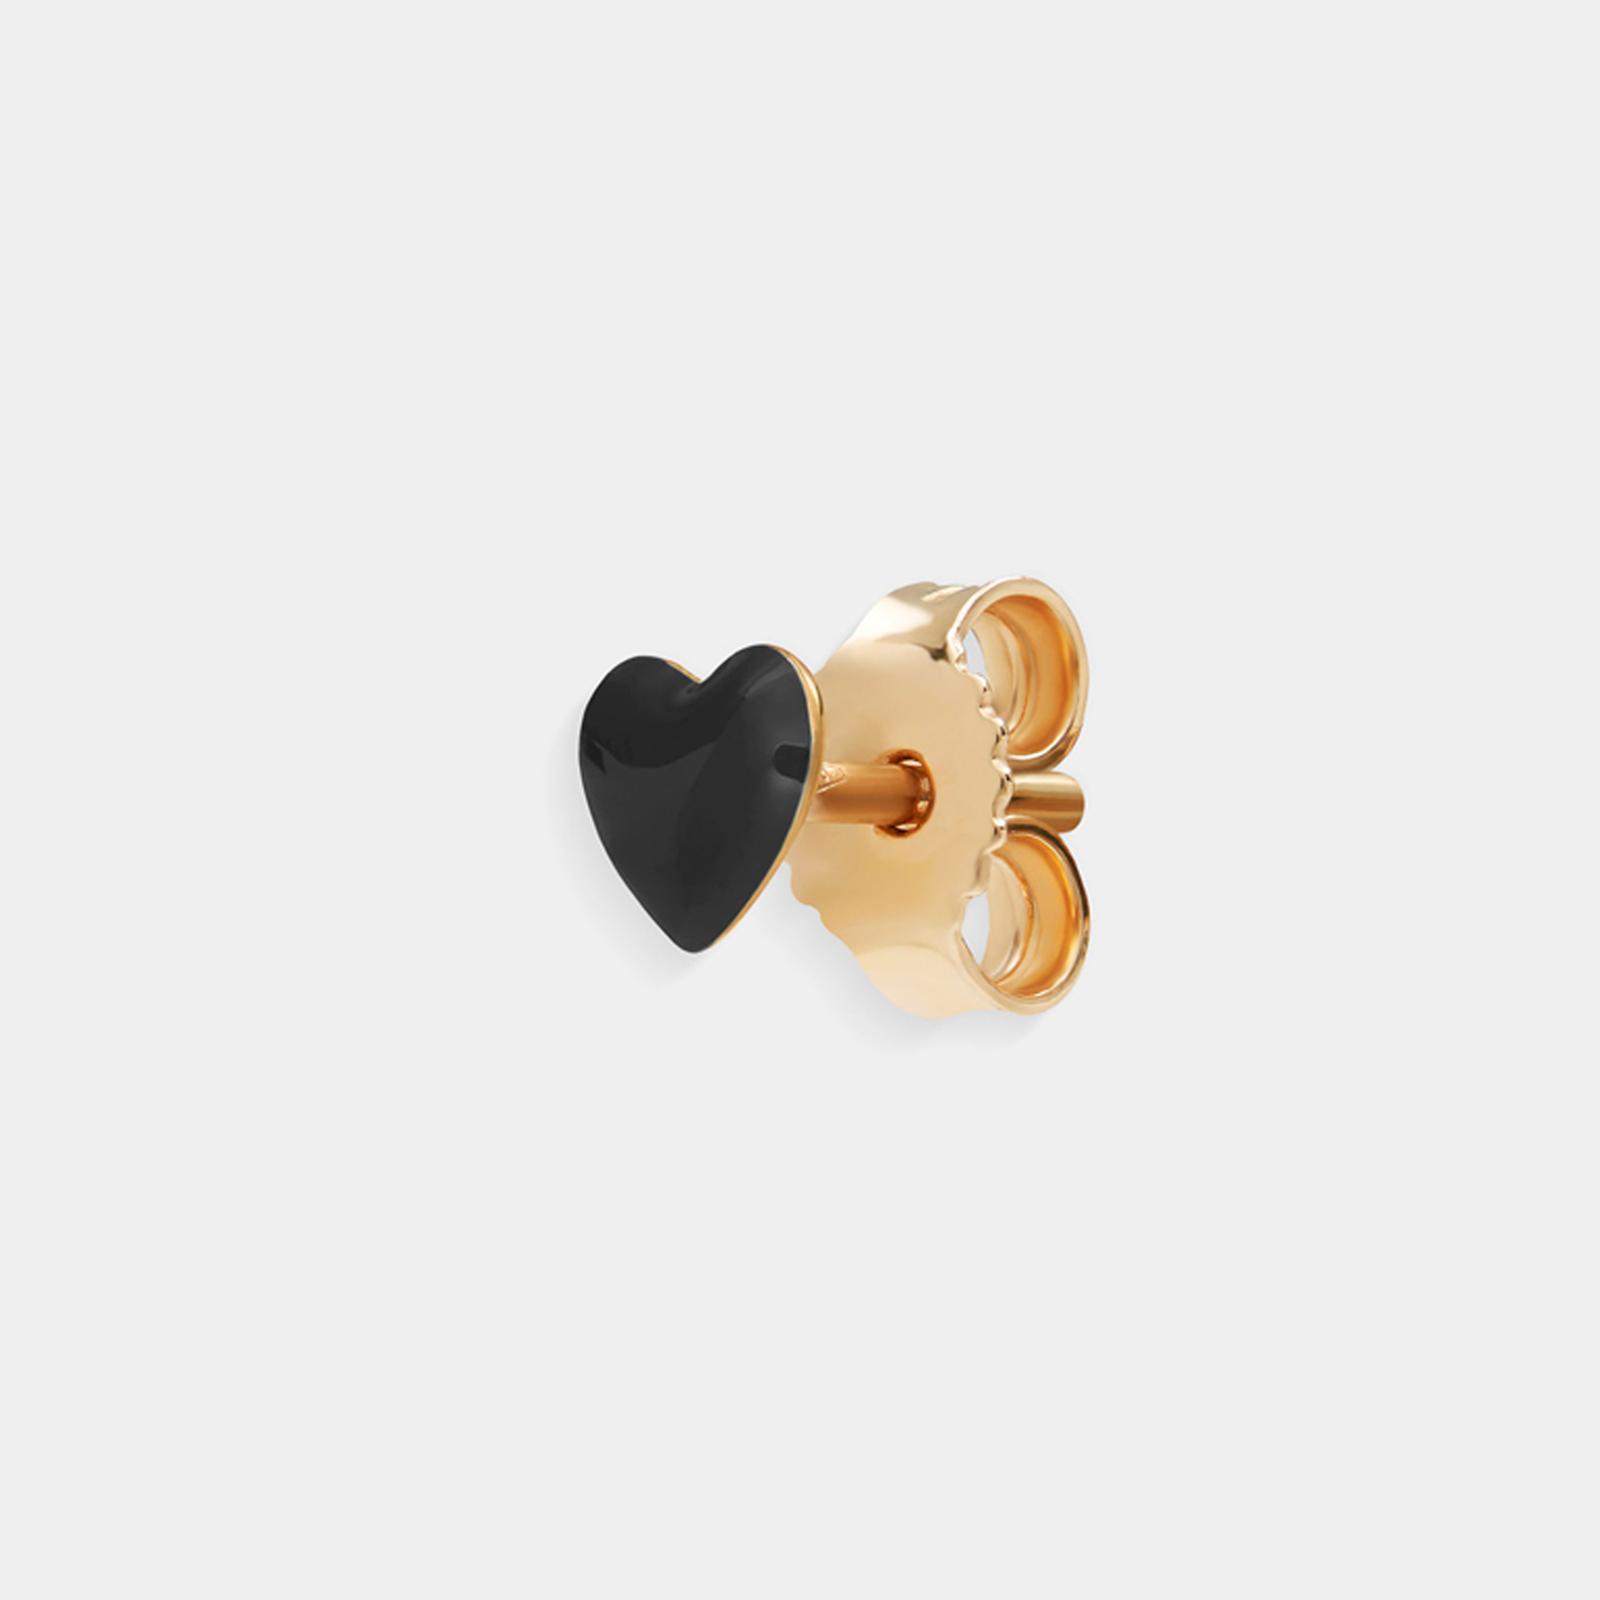 Rosanna Cattolico - Mono orecchino in oro giallo e cuore smaltato puro nero